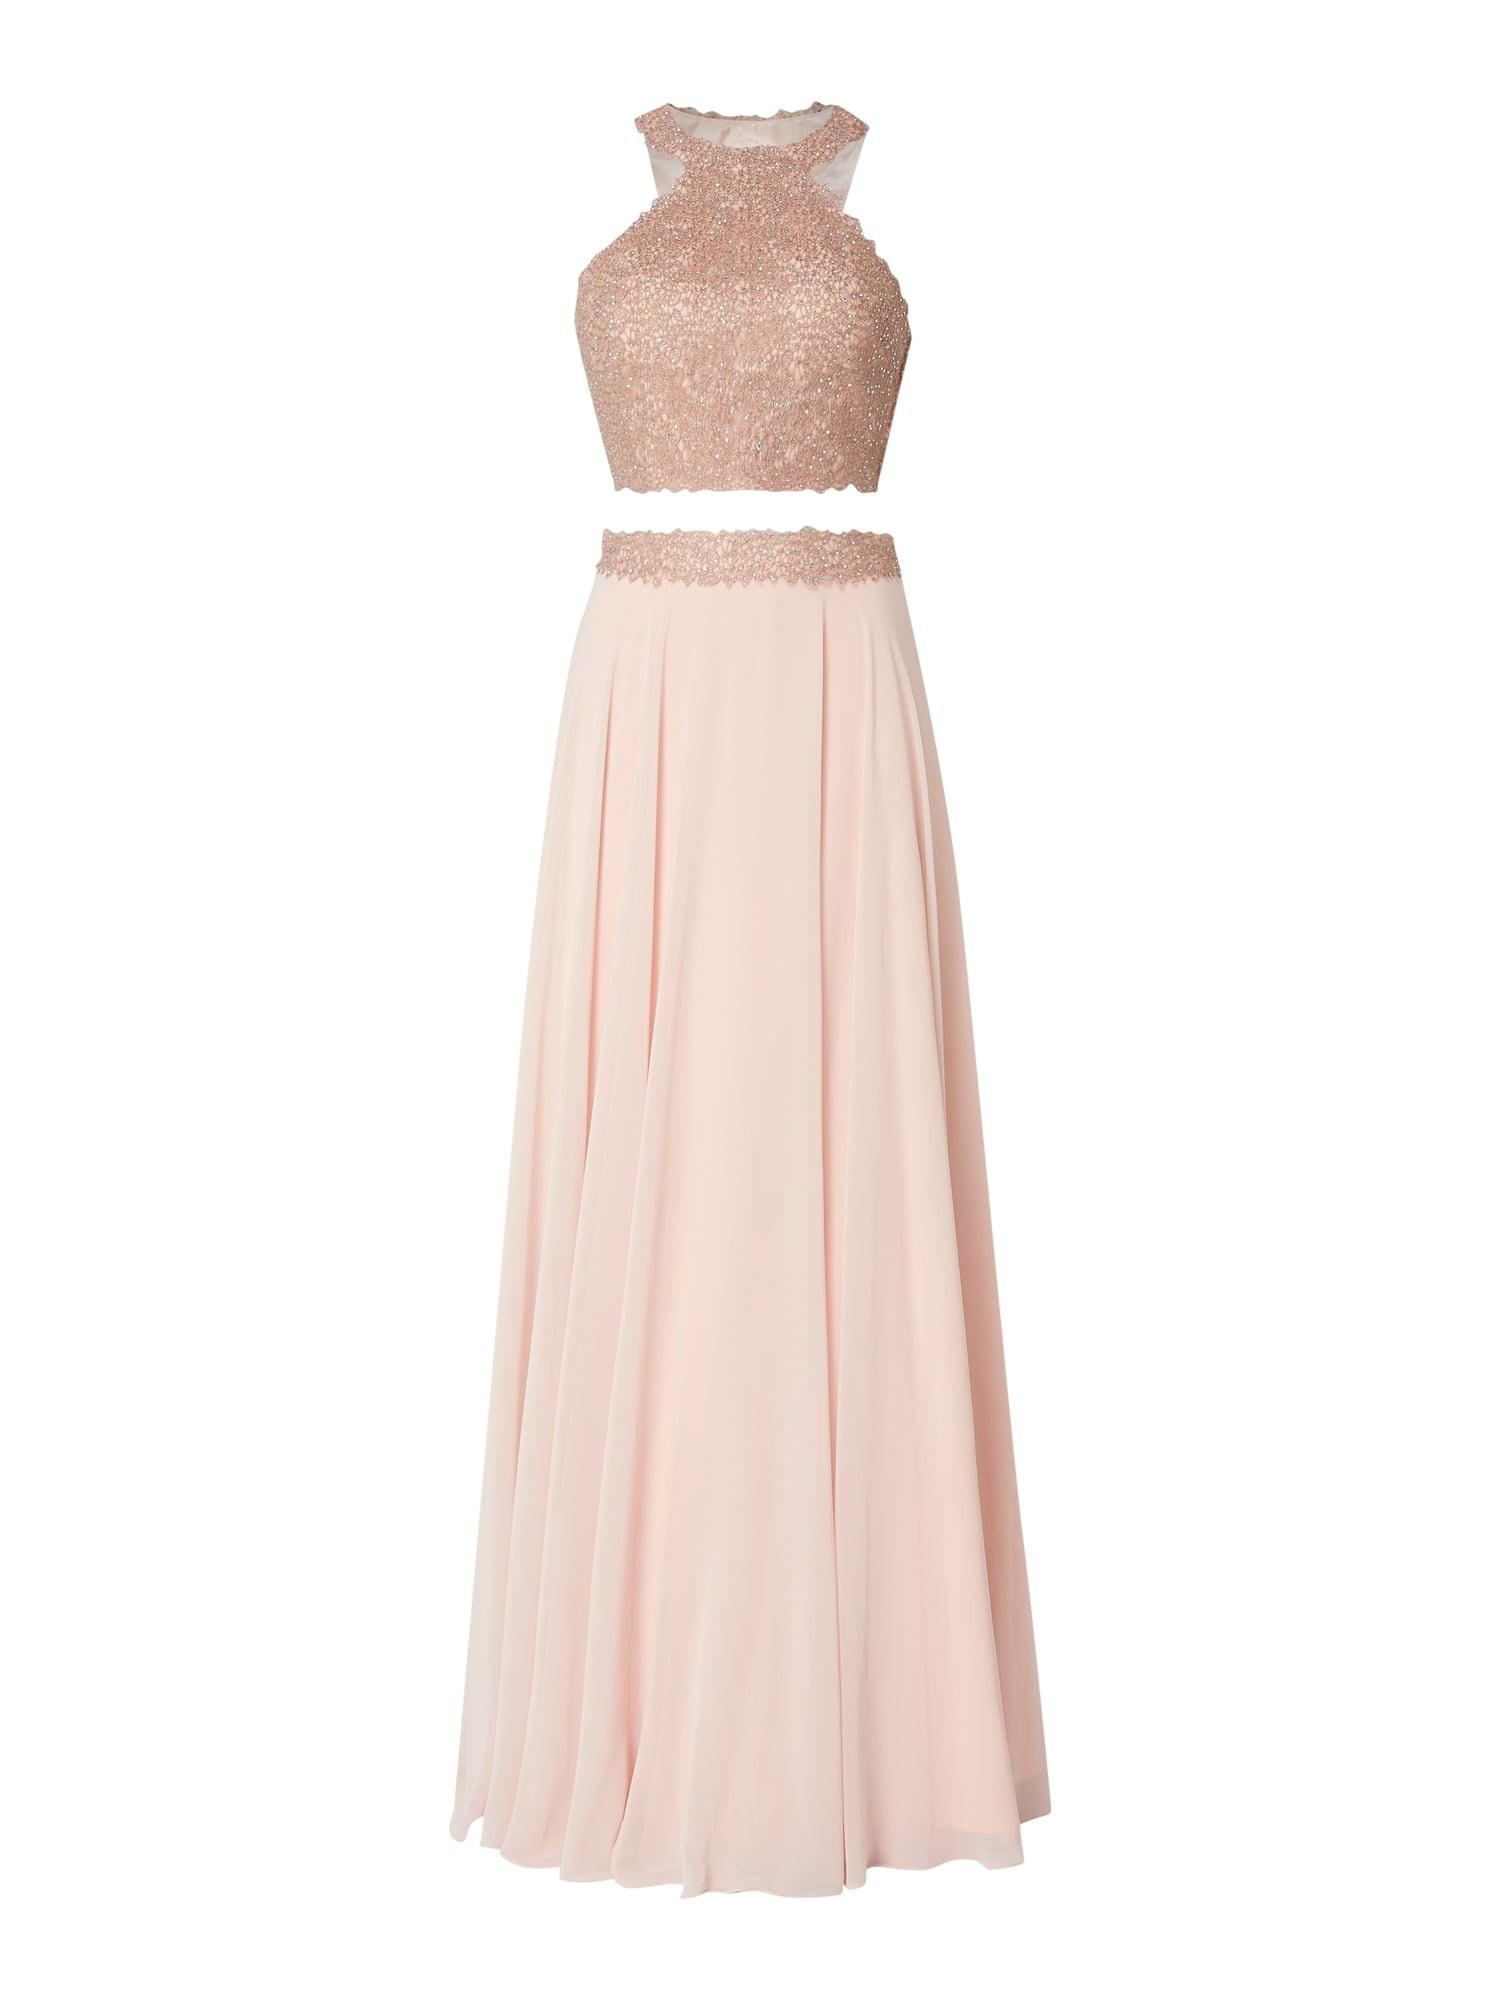 20 Ausgezeichnet Luxuar Limited Abendkleid Ärmel - Abendkleid